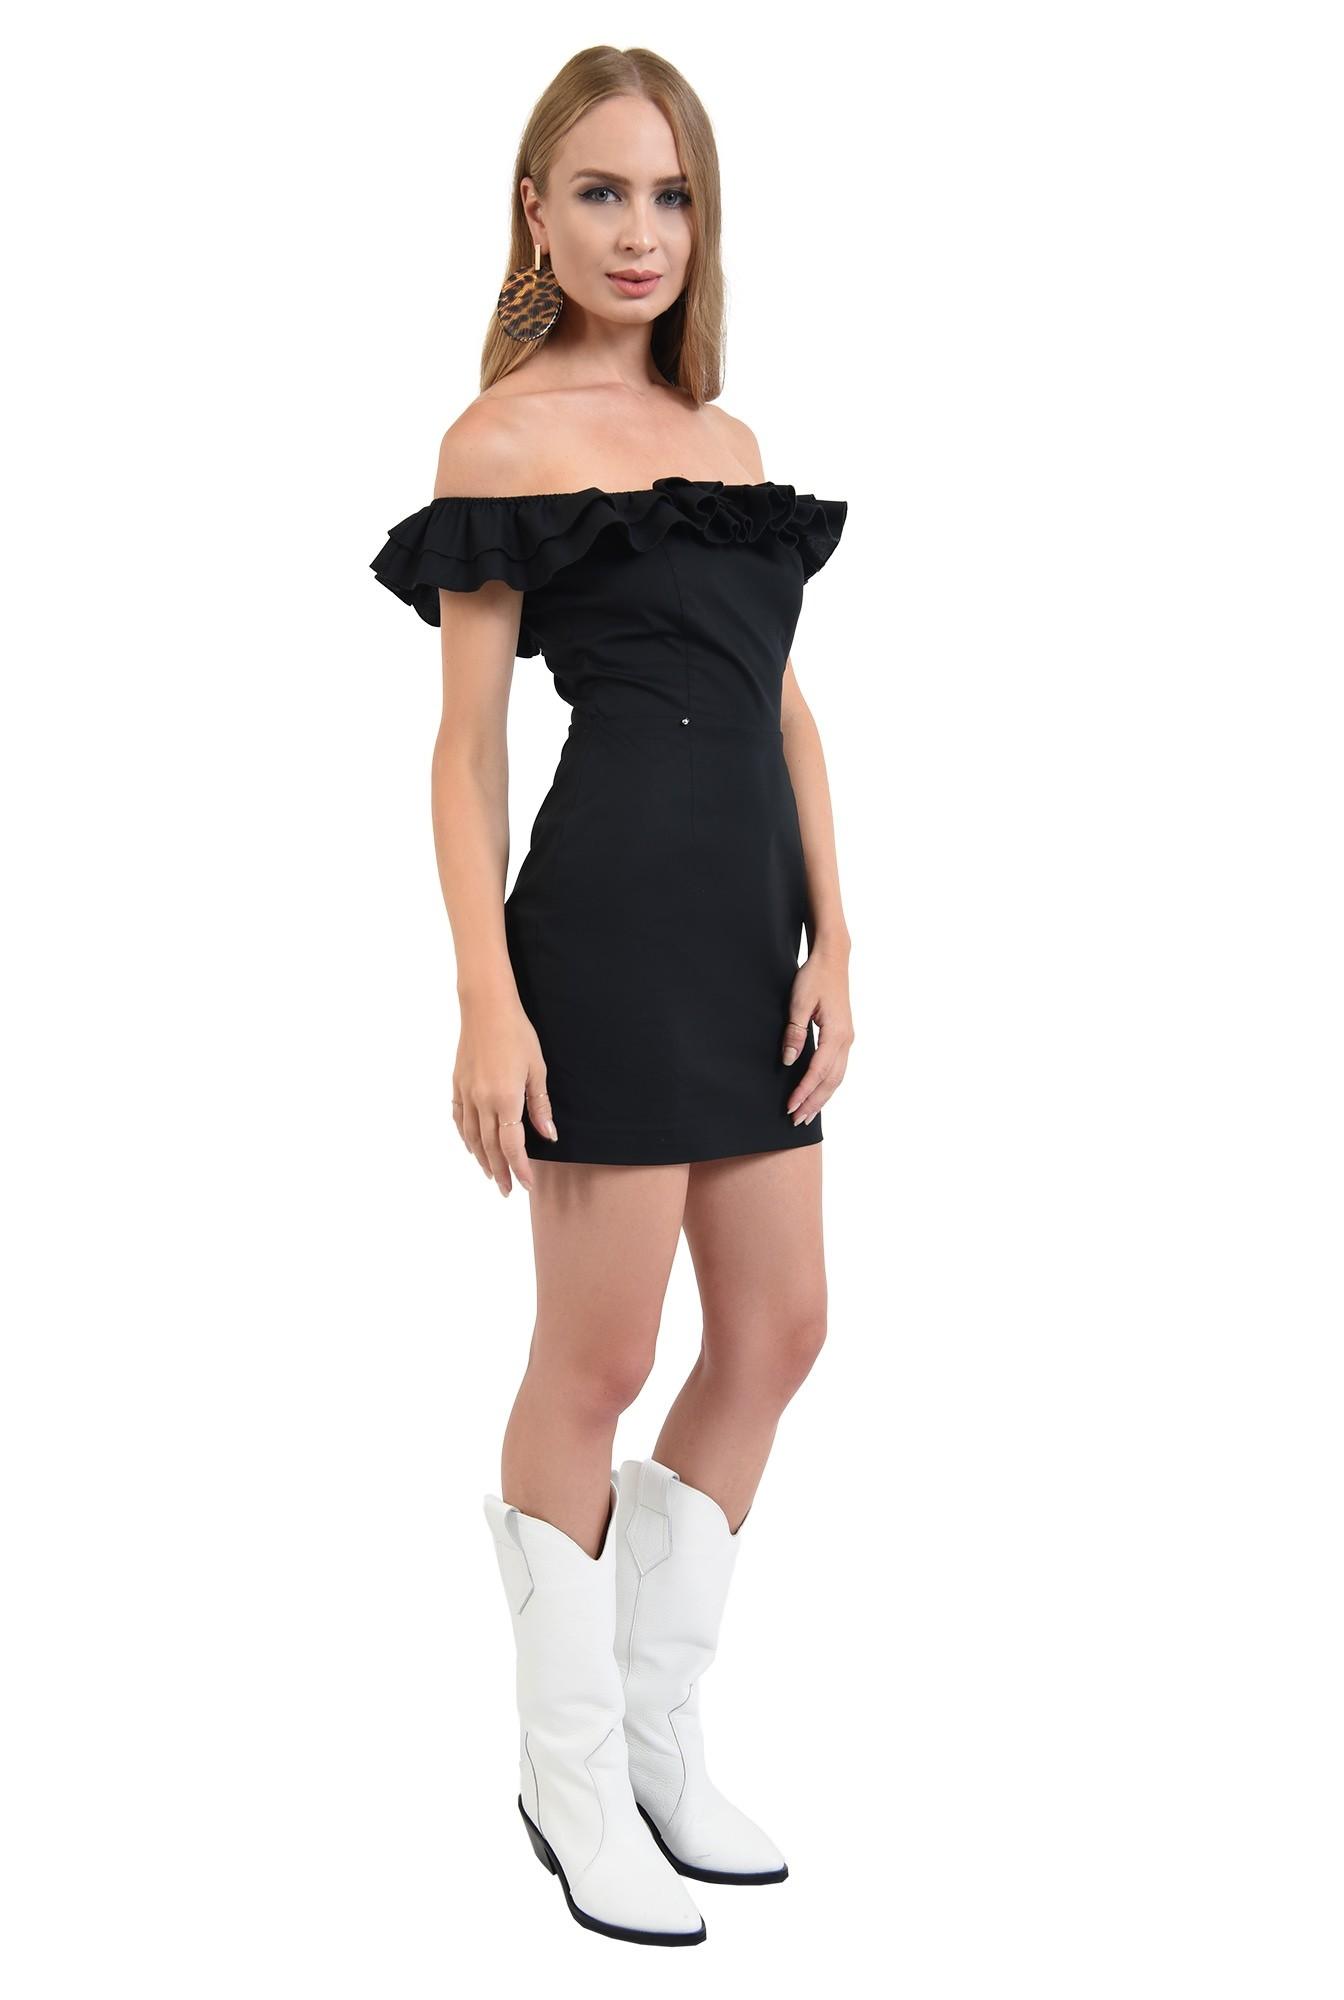 3 - 360 - rochie mini, cambrata, neagra, cu umerii goi, cu volan